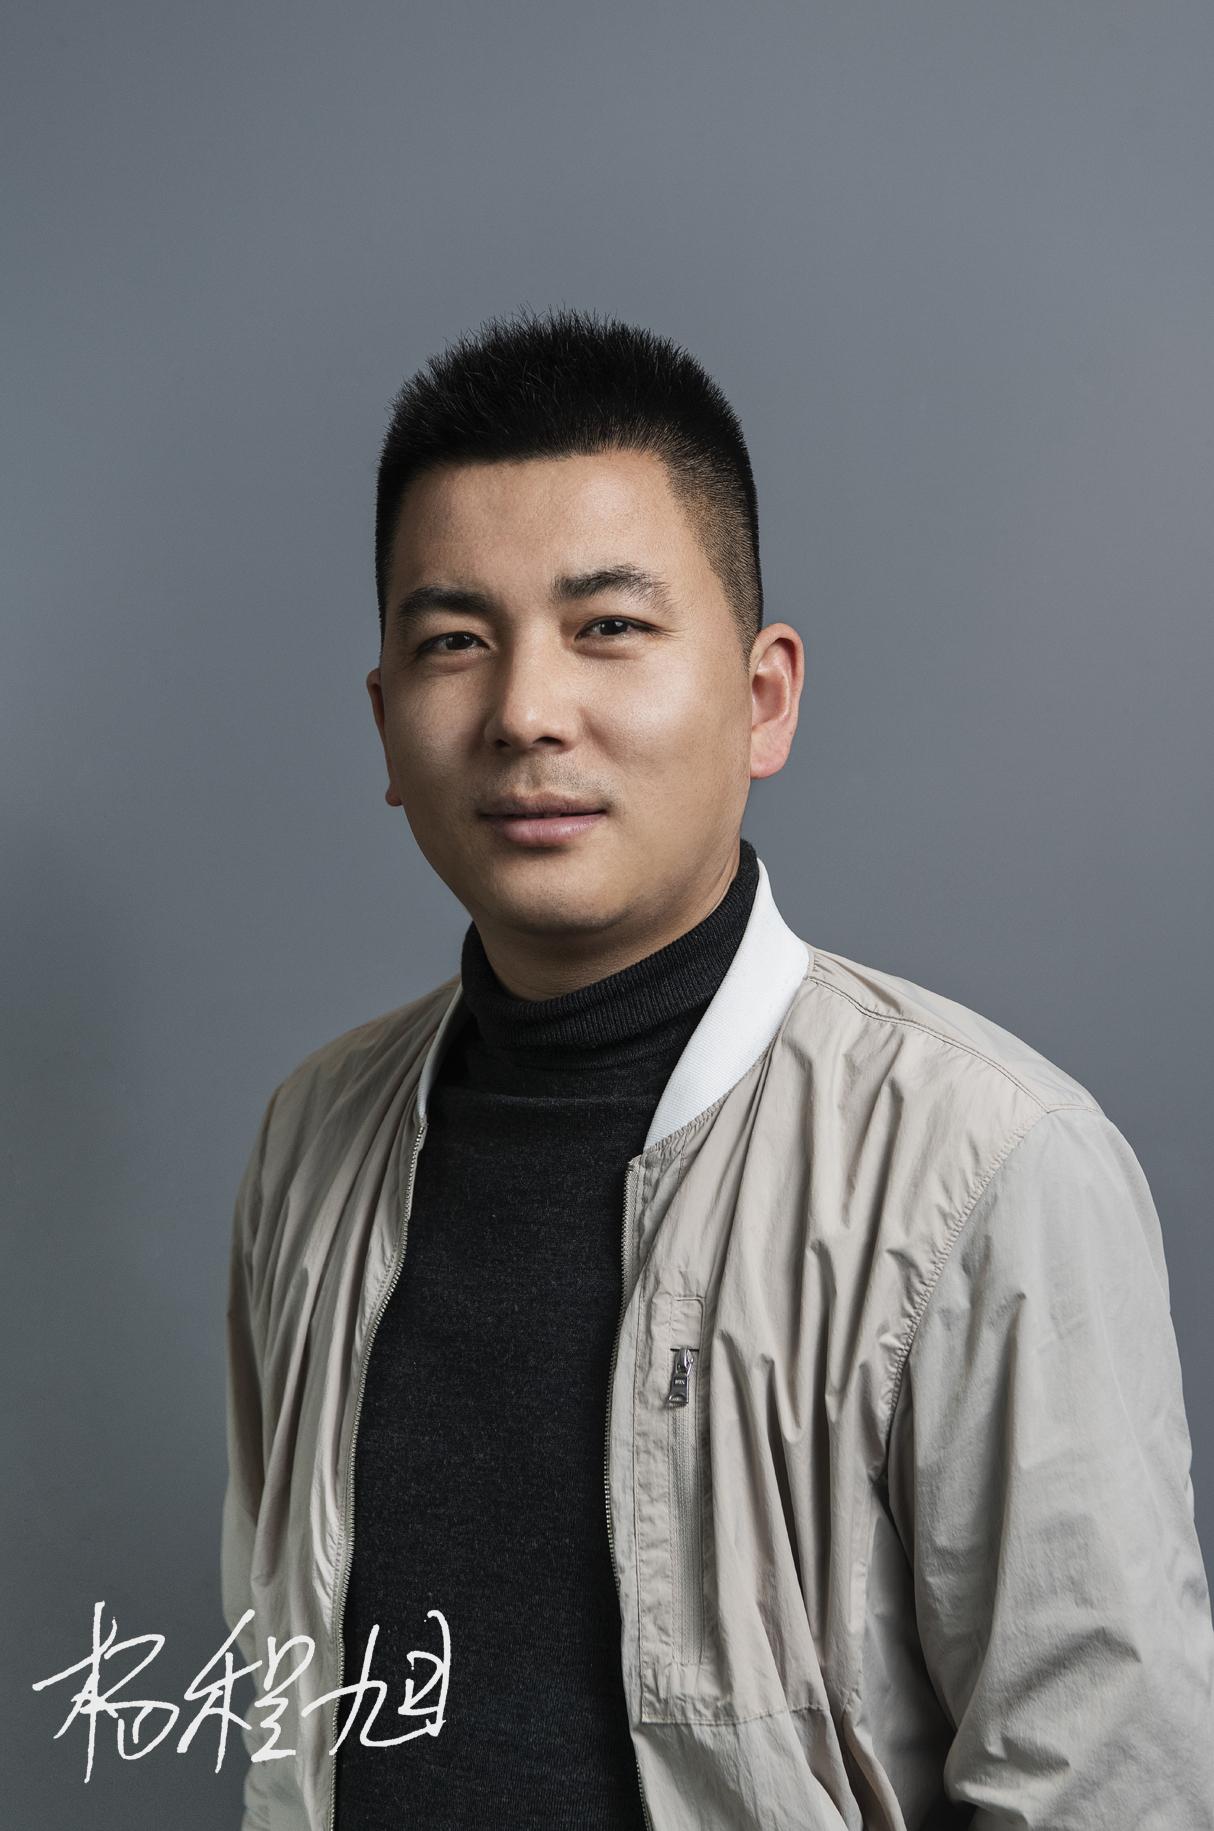 杨程旭签名照副本